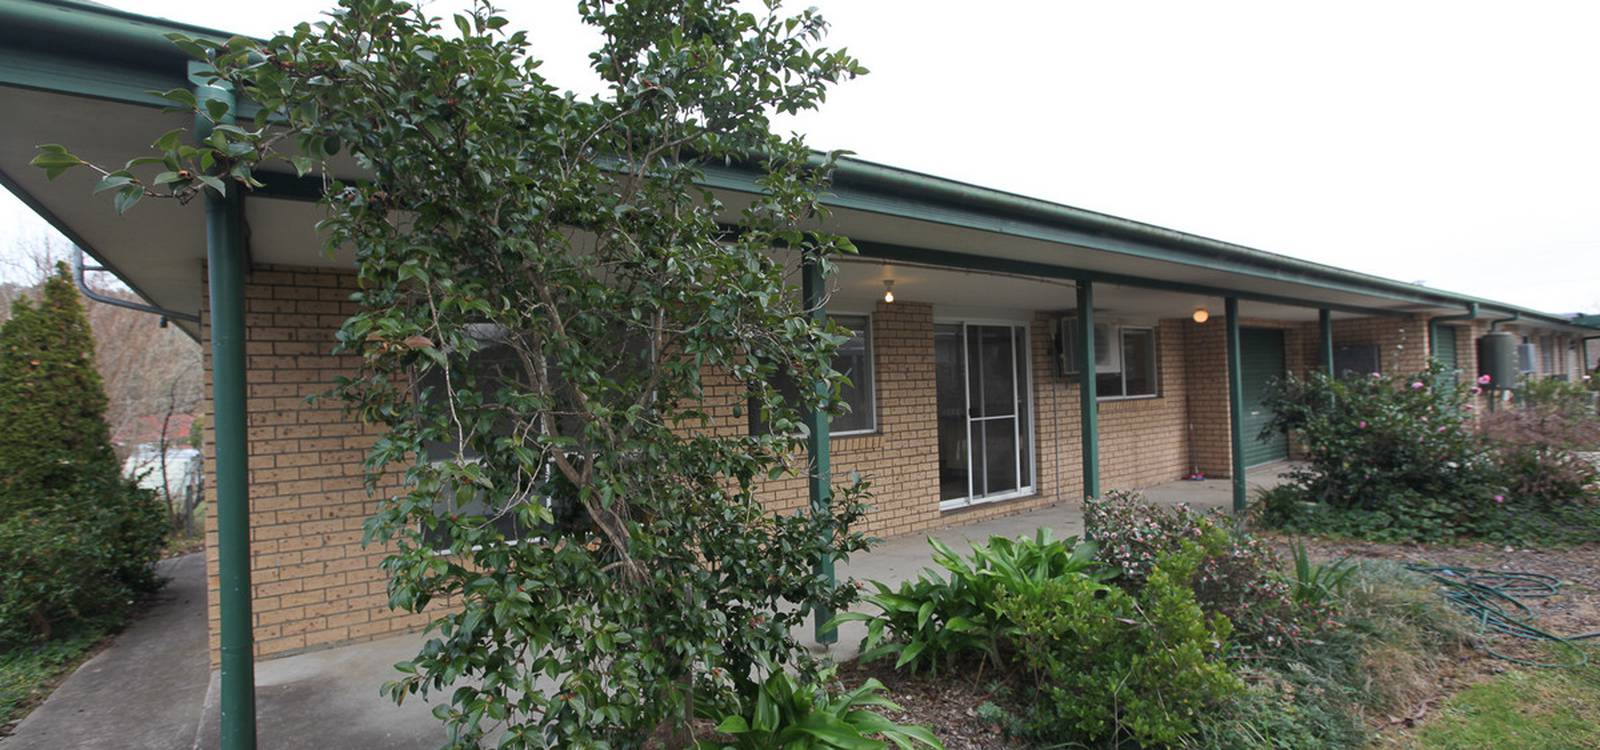 B/11 Bank Street COBARGO, NSW 2550 - photo 1